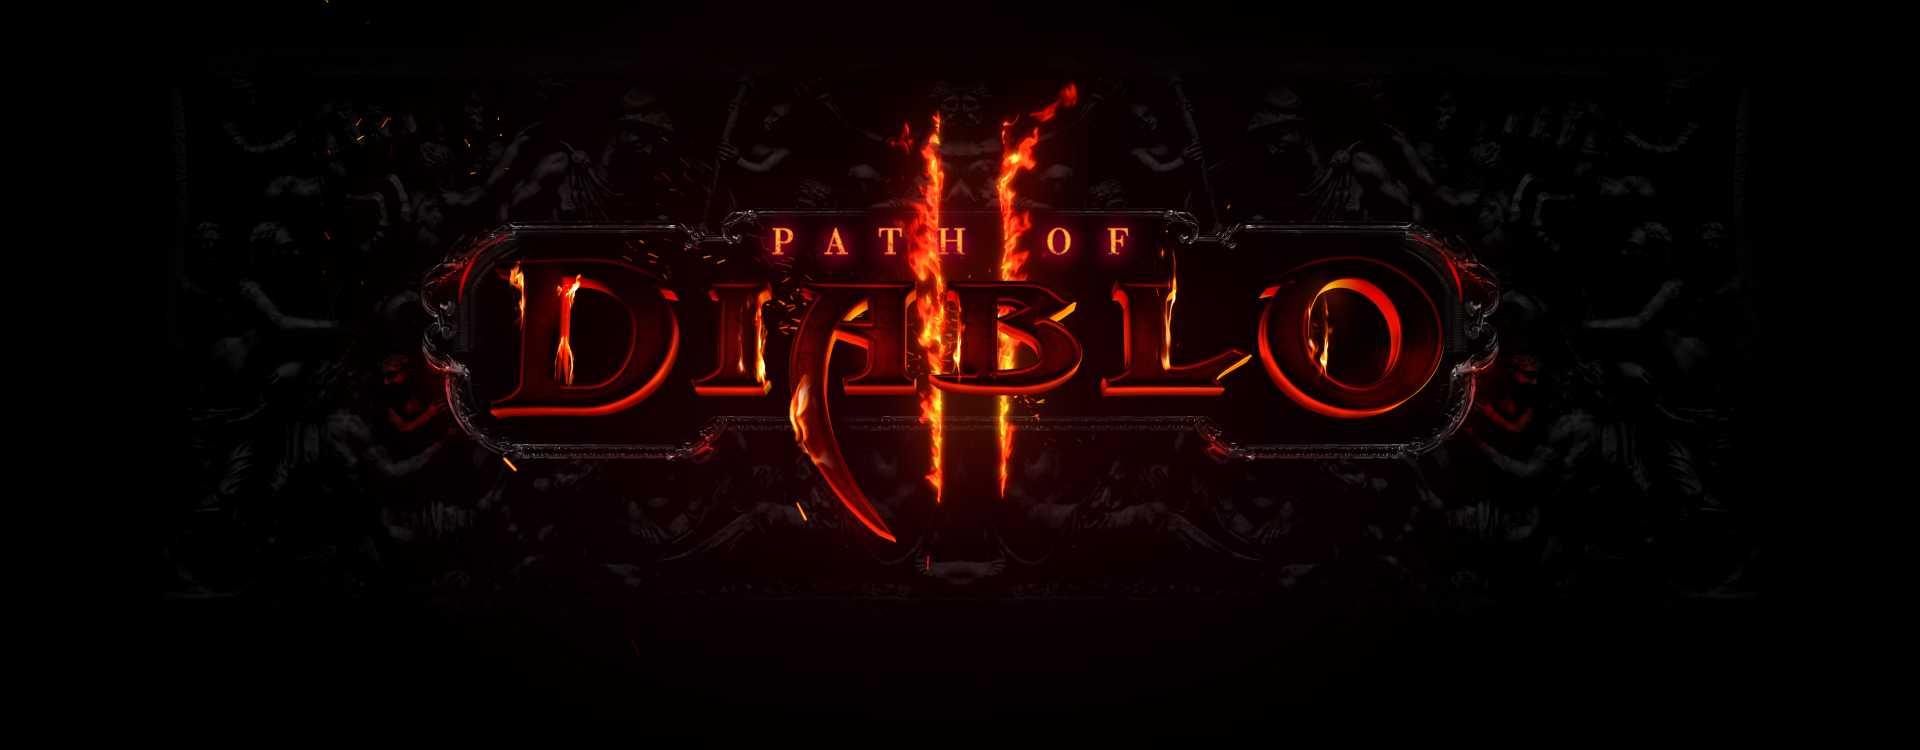 Path of Diablo mixt Diablo mit Path of Exile und begeistert die Fans